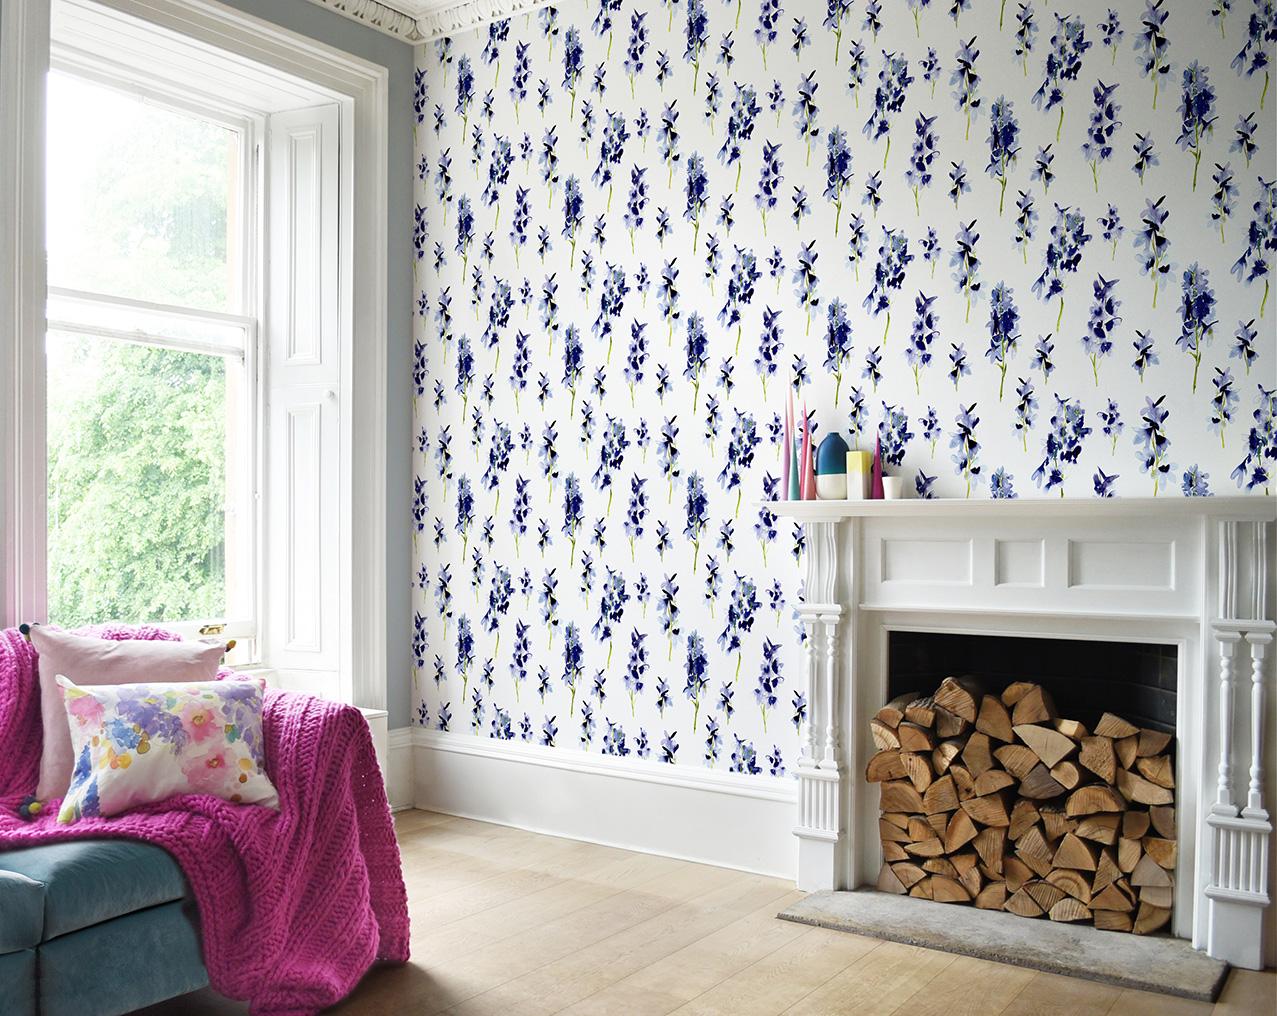 Delphinium wallpaper